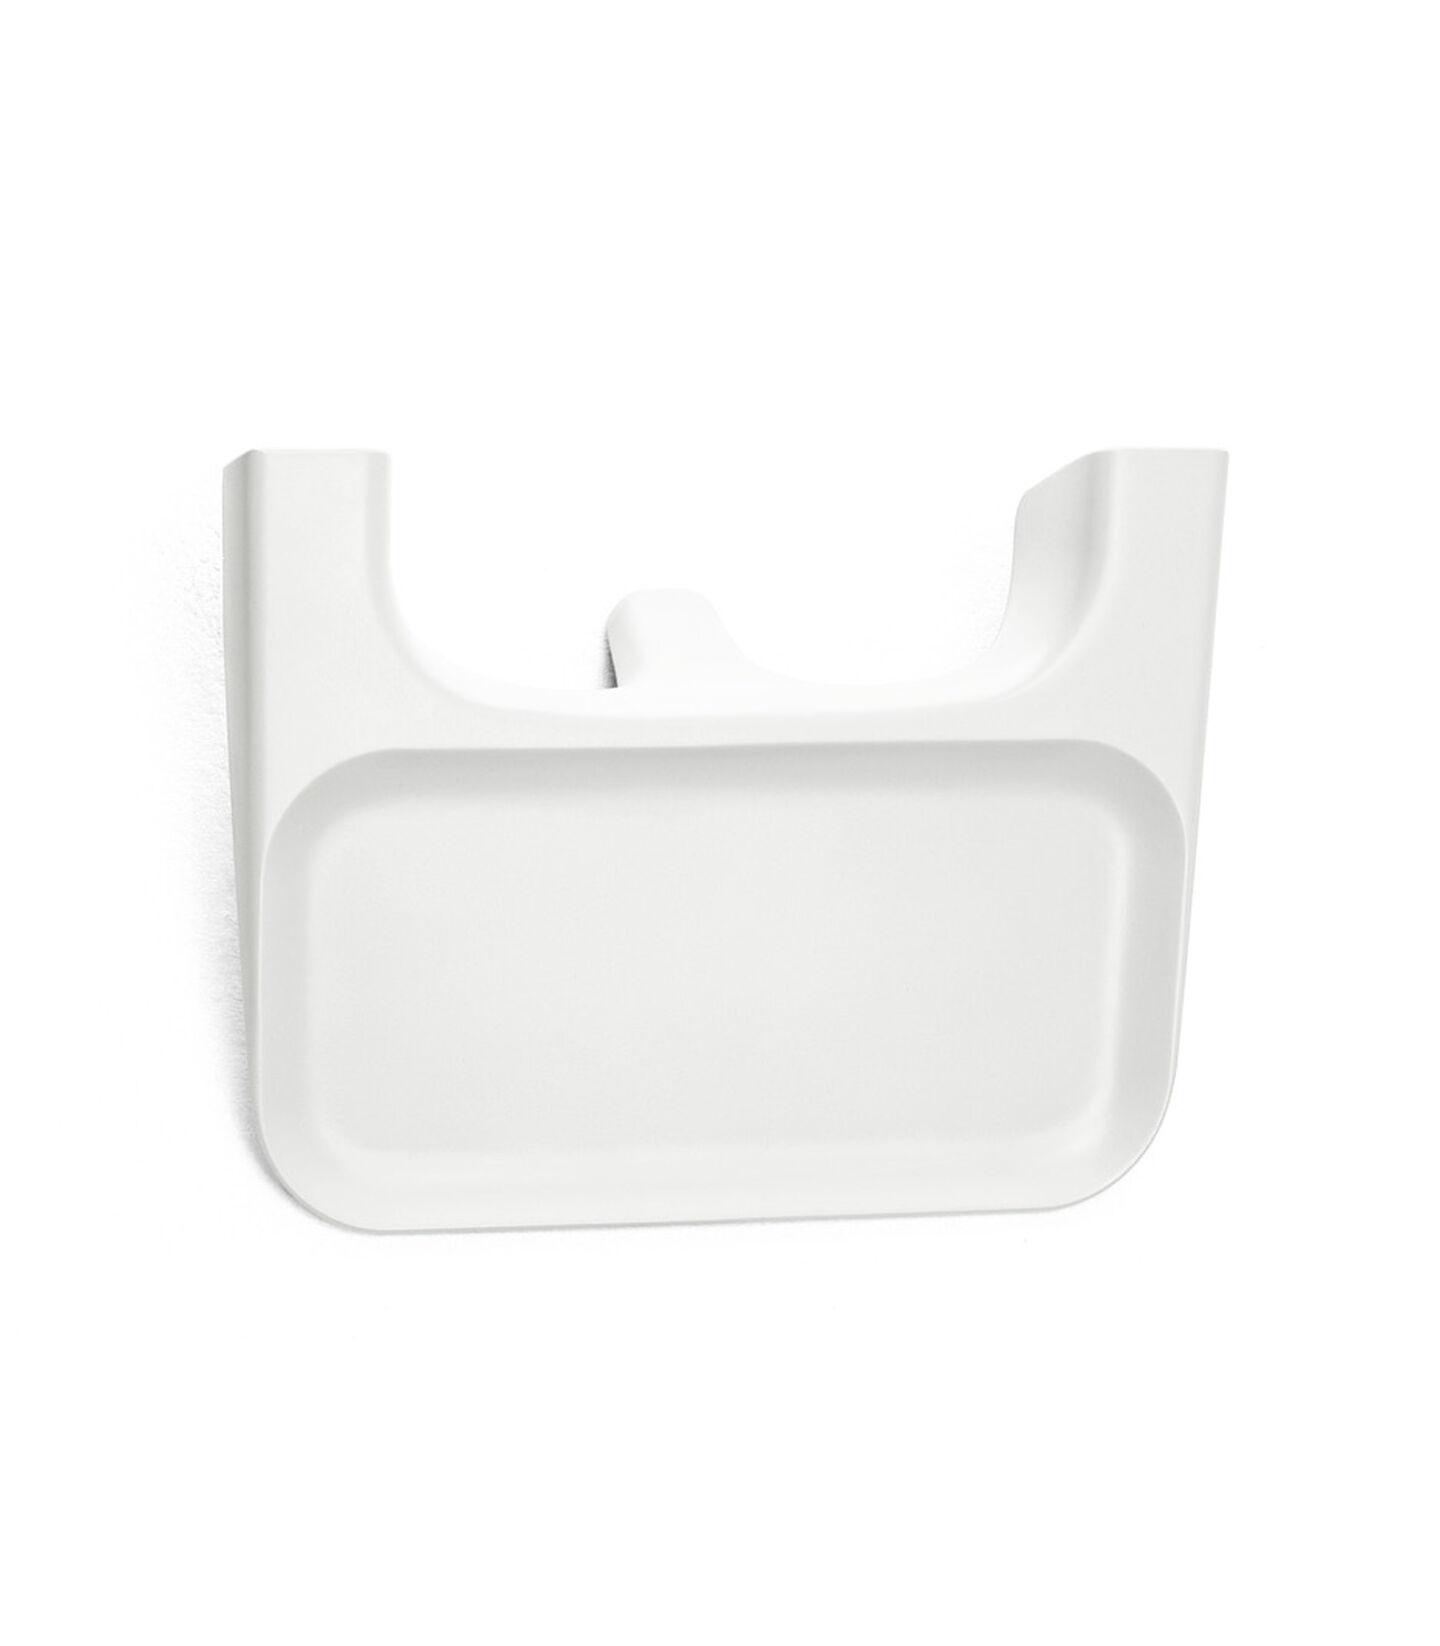 Stokke® Clikk™ Tray White, White, mainview view 1